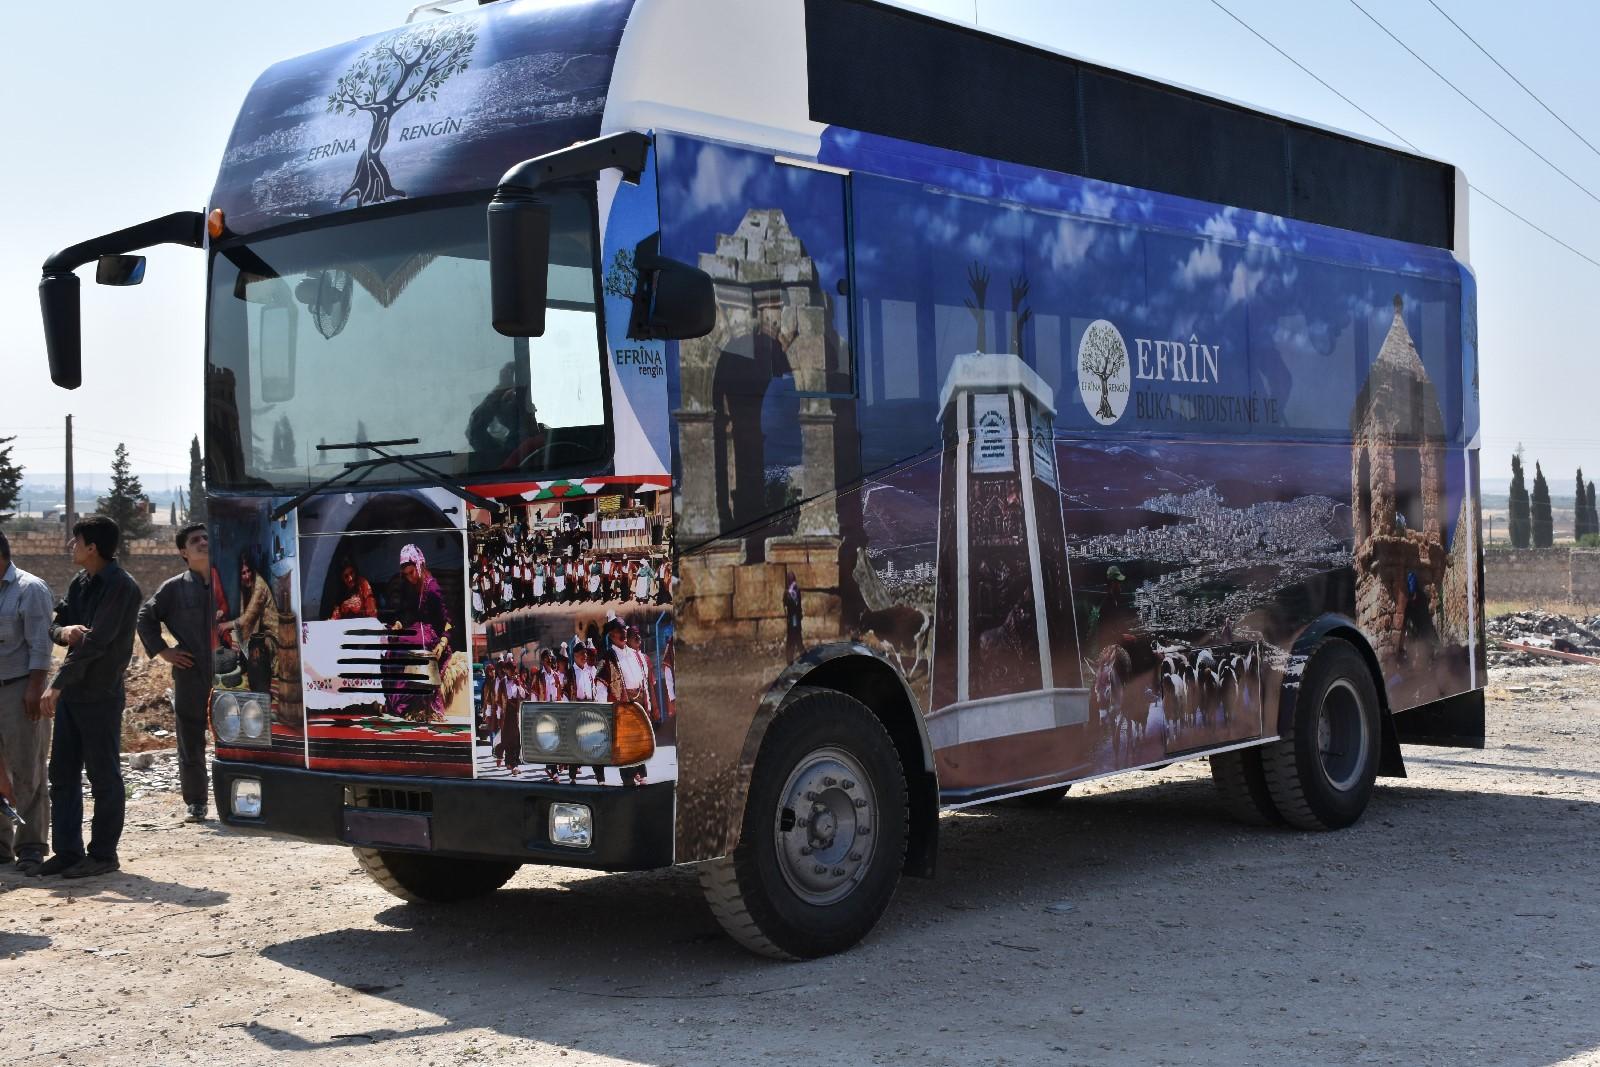 Efrîn'e Çağın Direnişi Otobüsü ile dönecekler